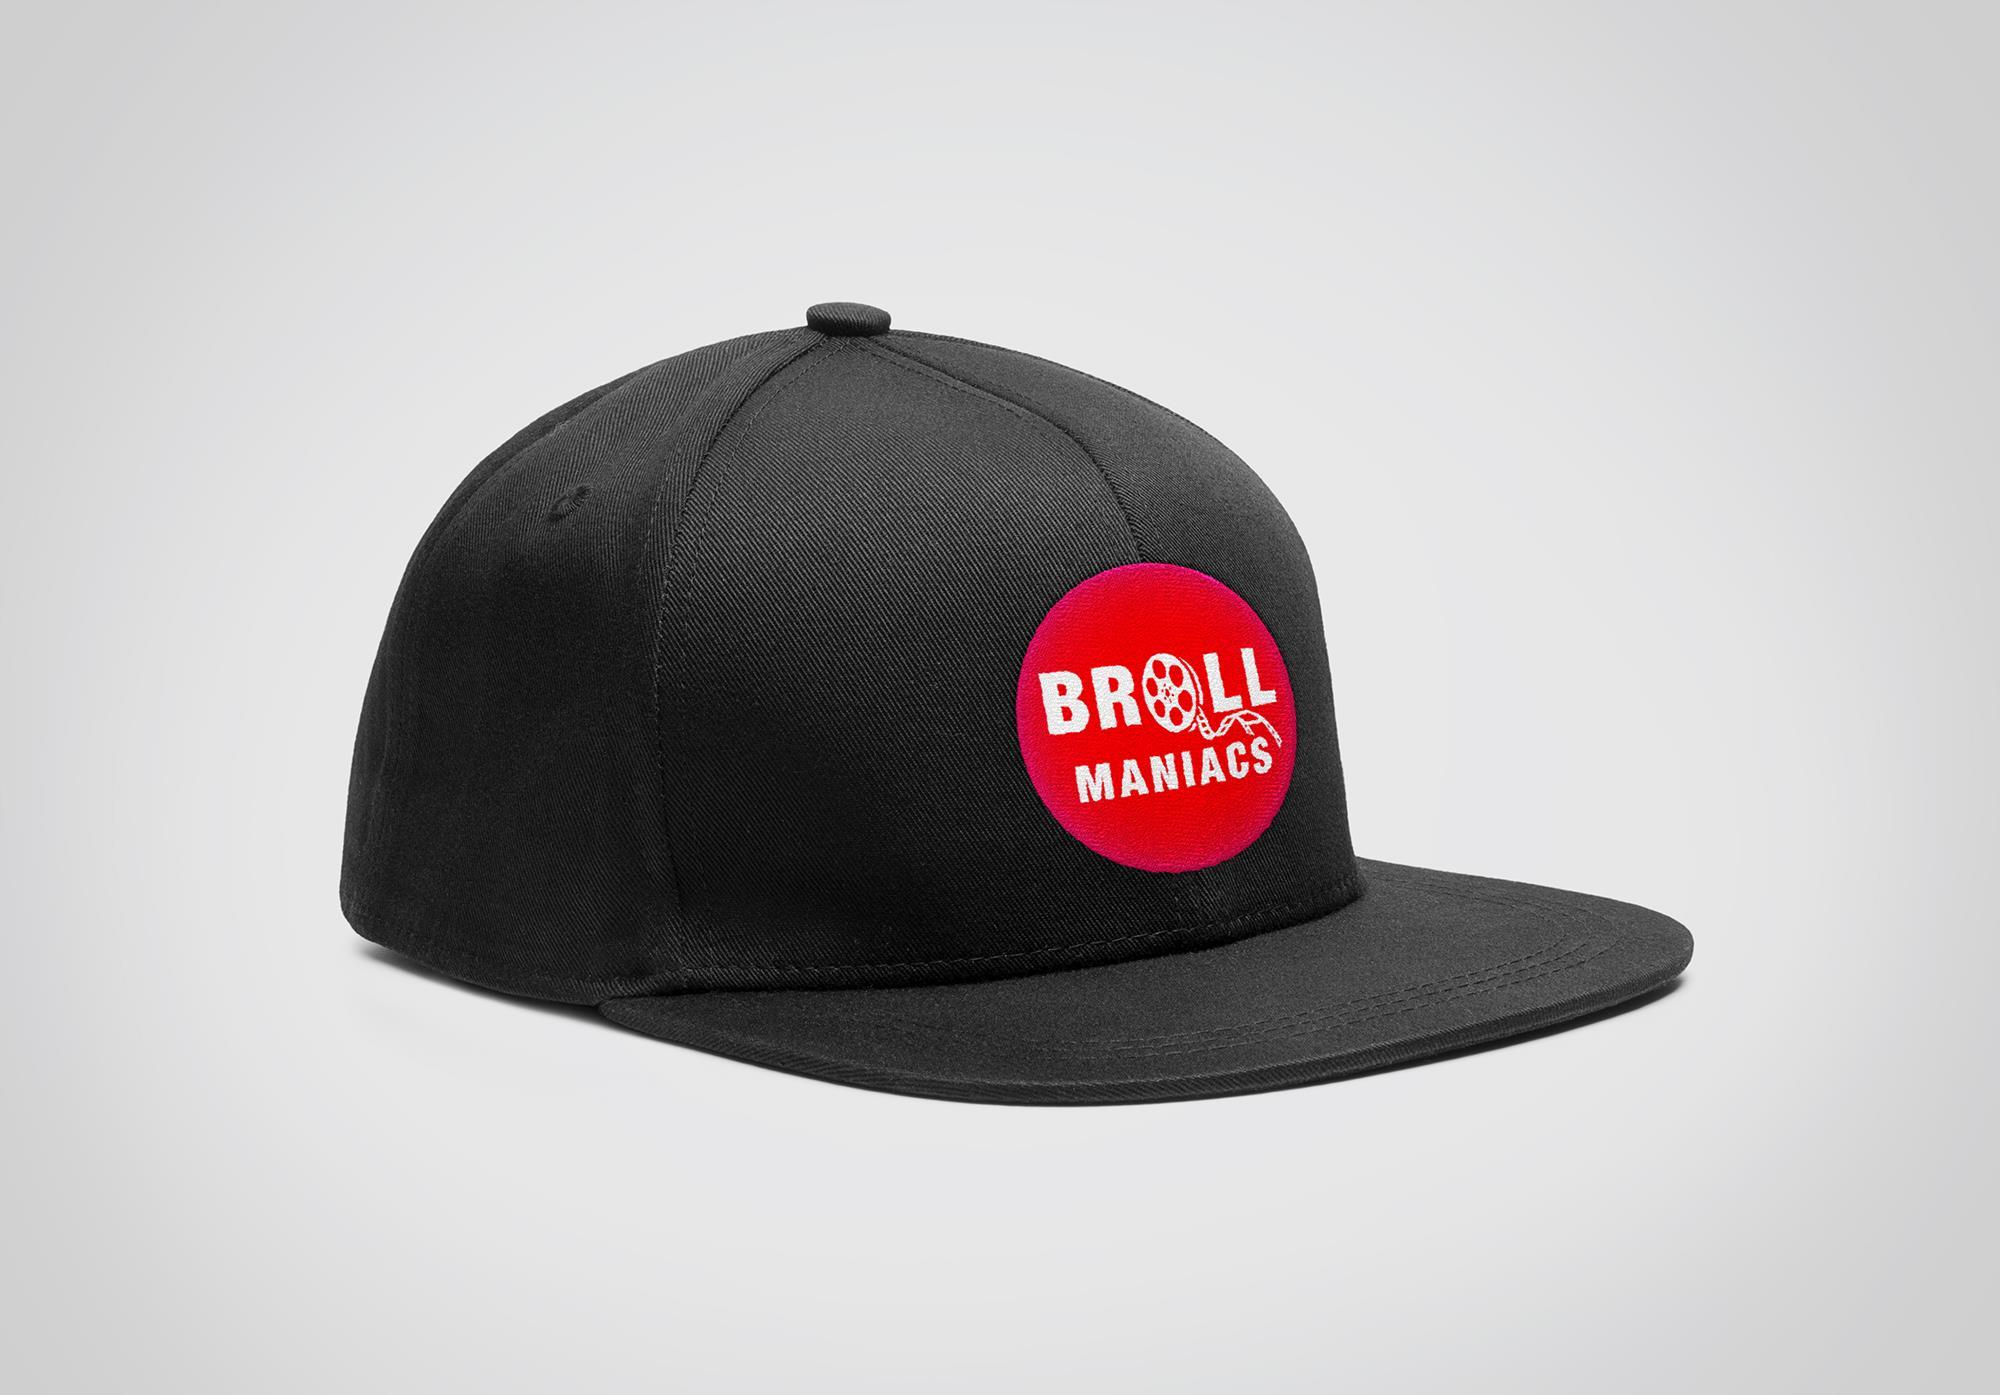 B-Roll Maniac's Logo auf Snapback Cap